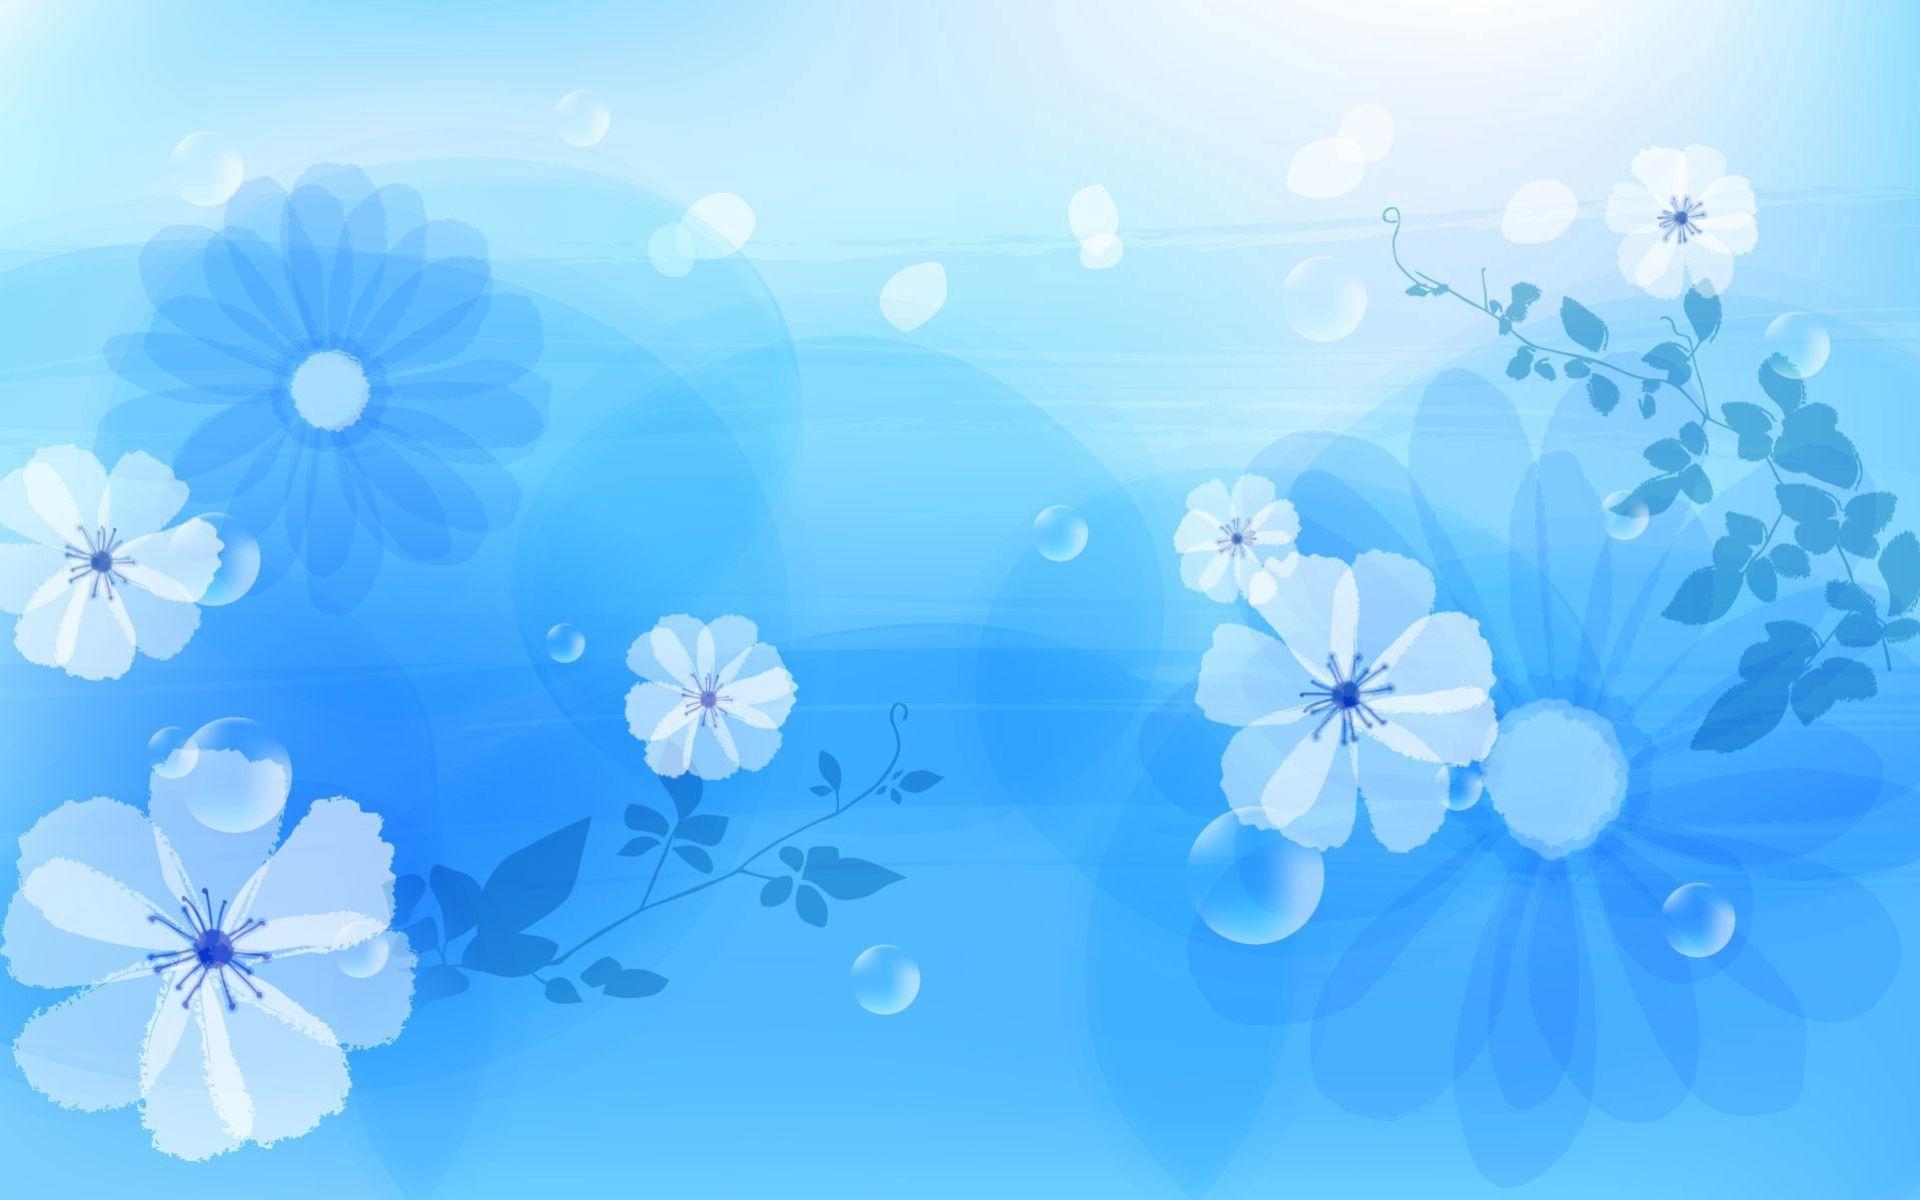 50513 économiseurs d'écran et fonds d'écran Abstrait sur votre téléphone. Téléchargez Abstrait, Austraction, Austracation, Contexte, Fleurs, Patterns images gratuitement